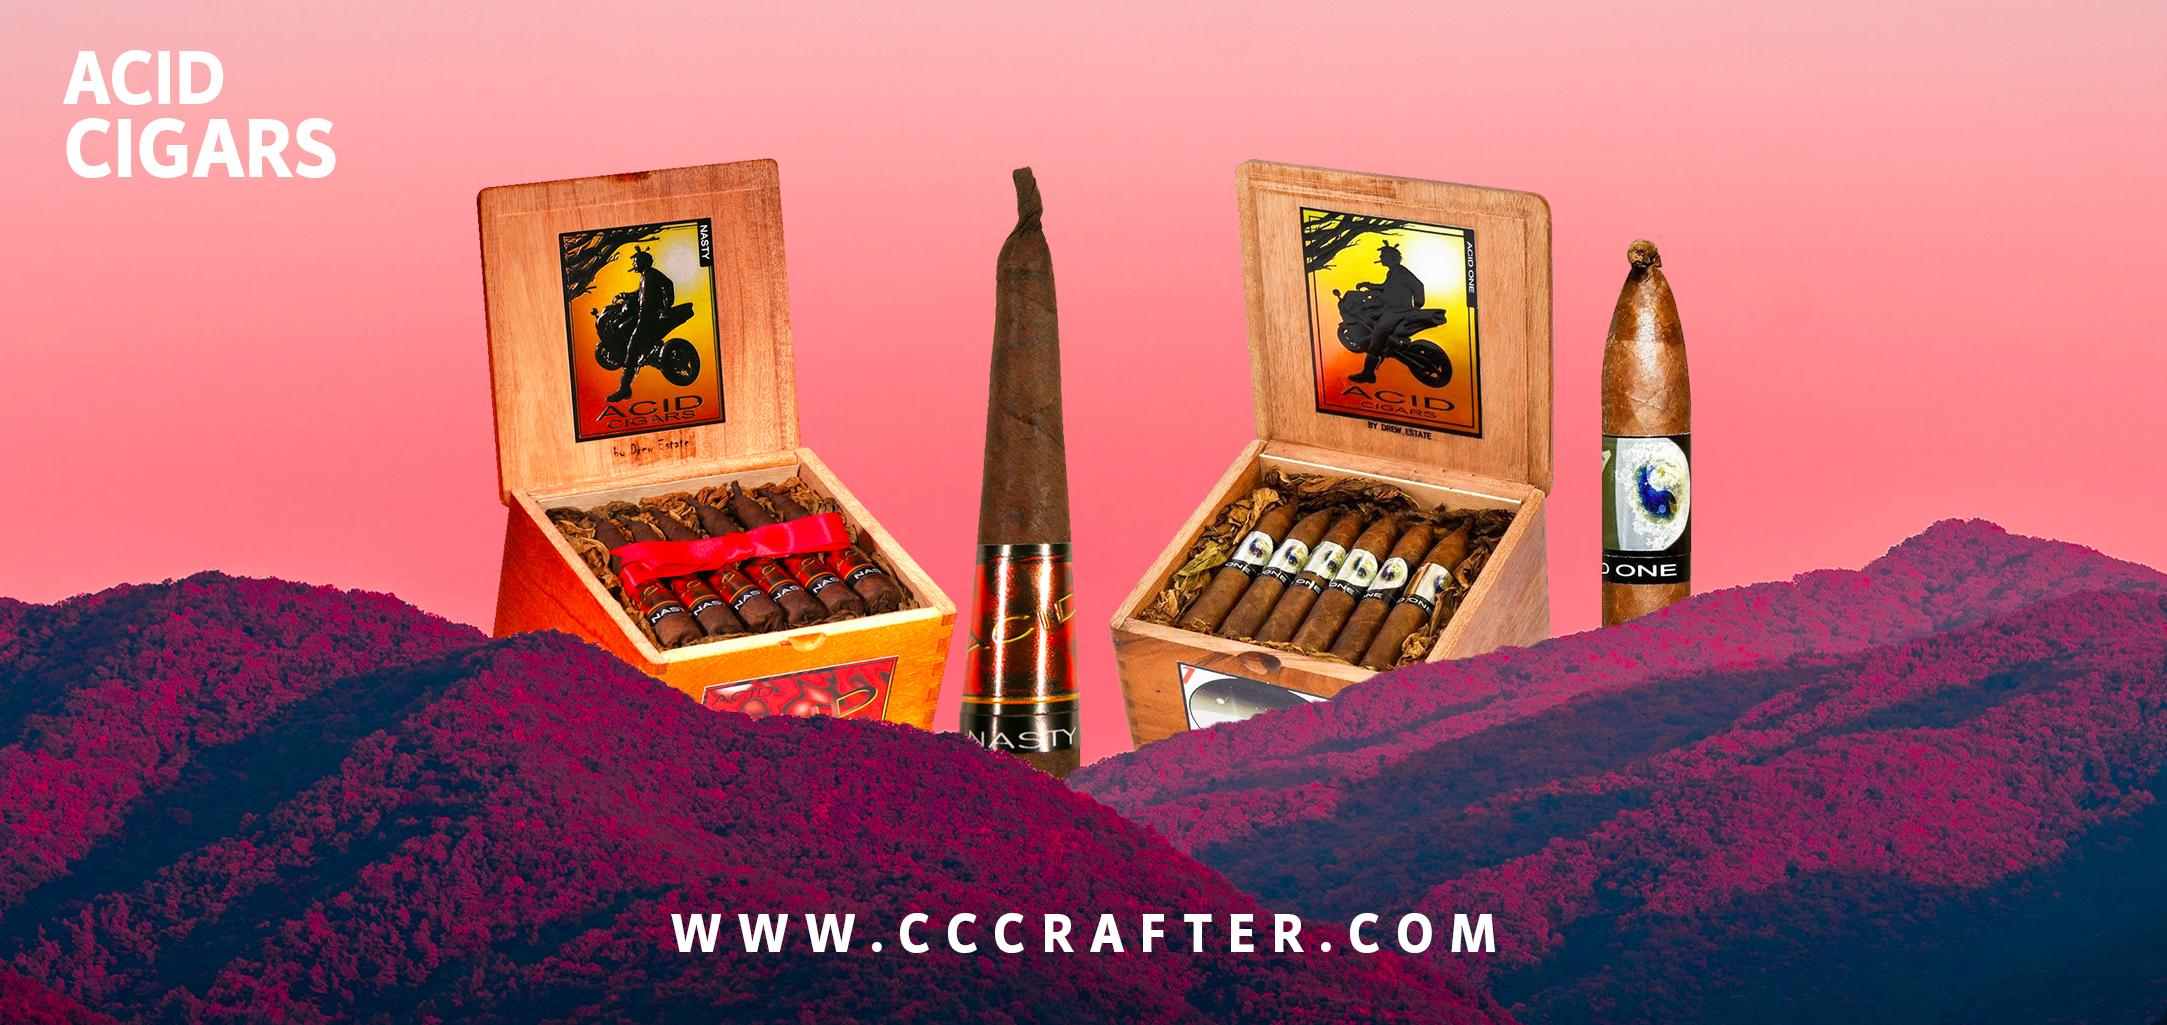 acid-cigars-captura.jpg